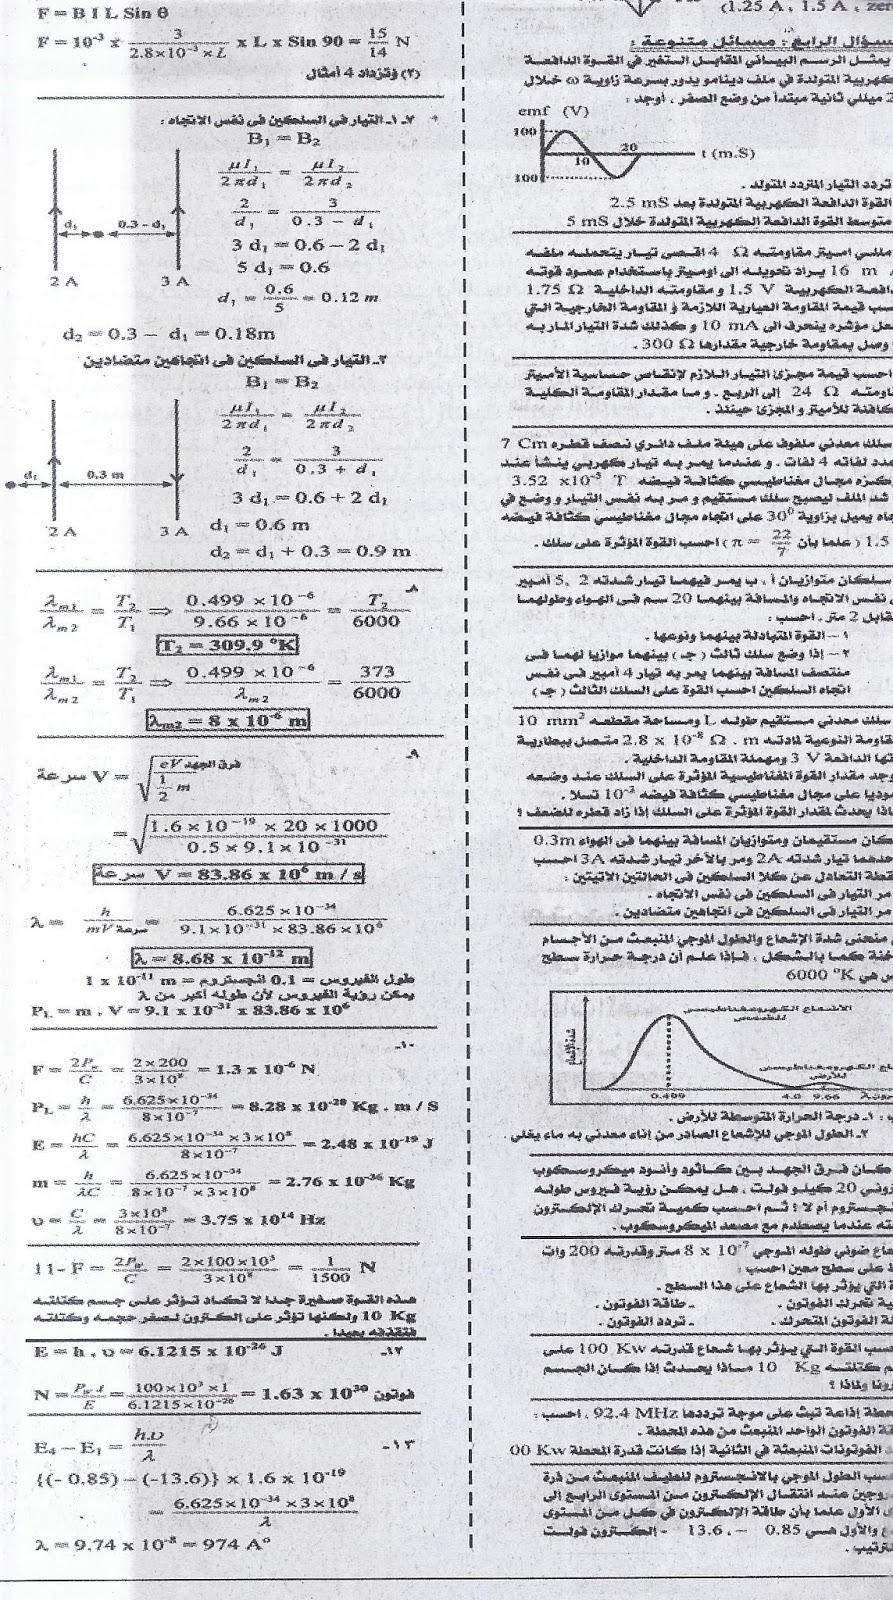 ننشر .. اخر مراجعة لامتحان الفيزياء (عربى ولغات) للثانوية العامة 2016  4